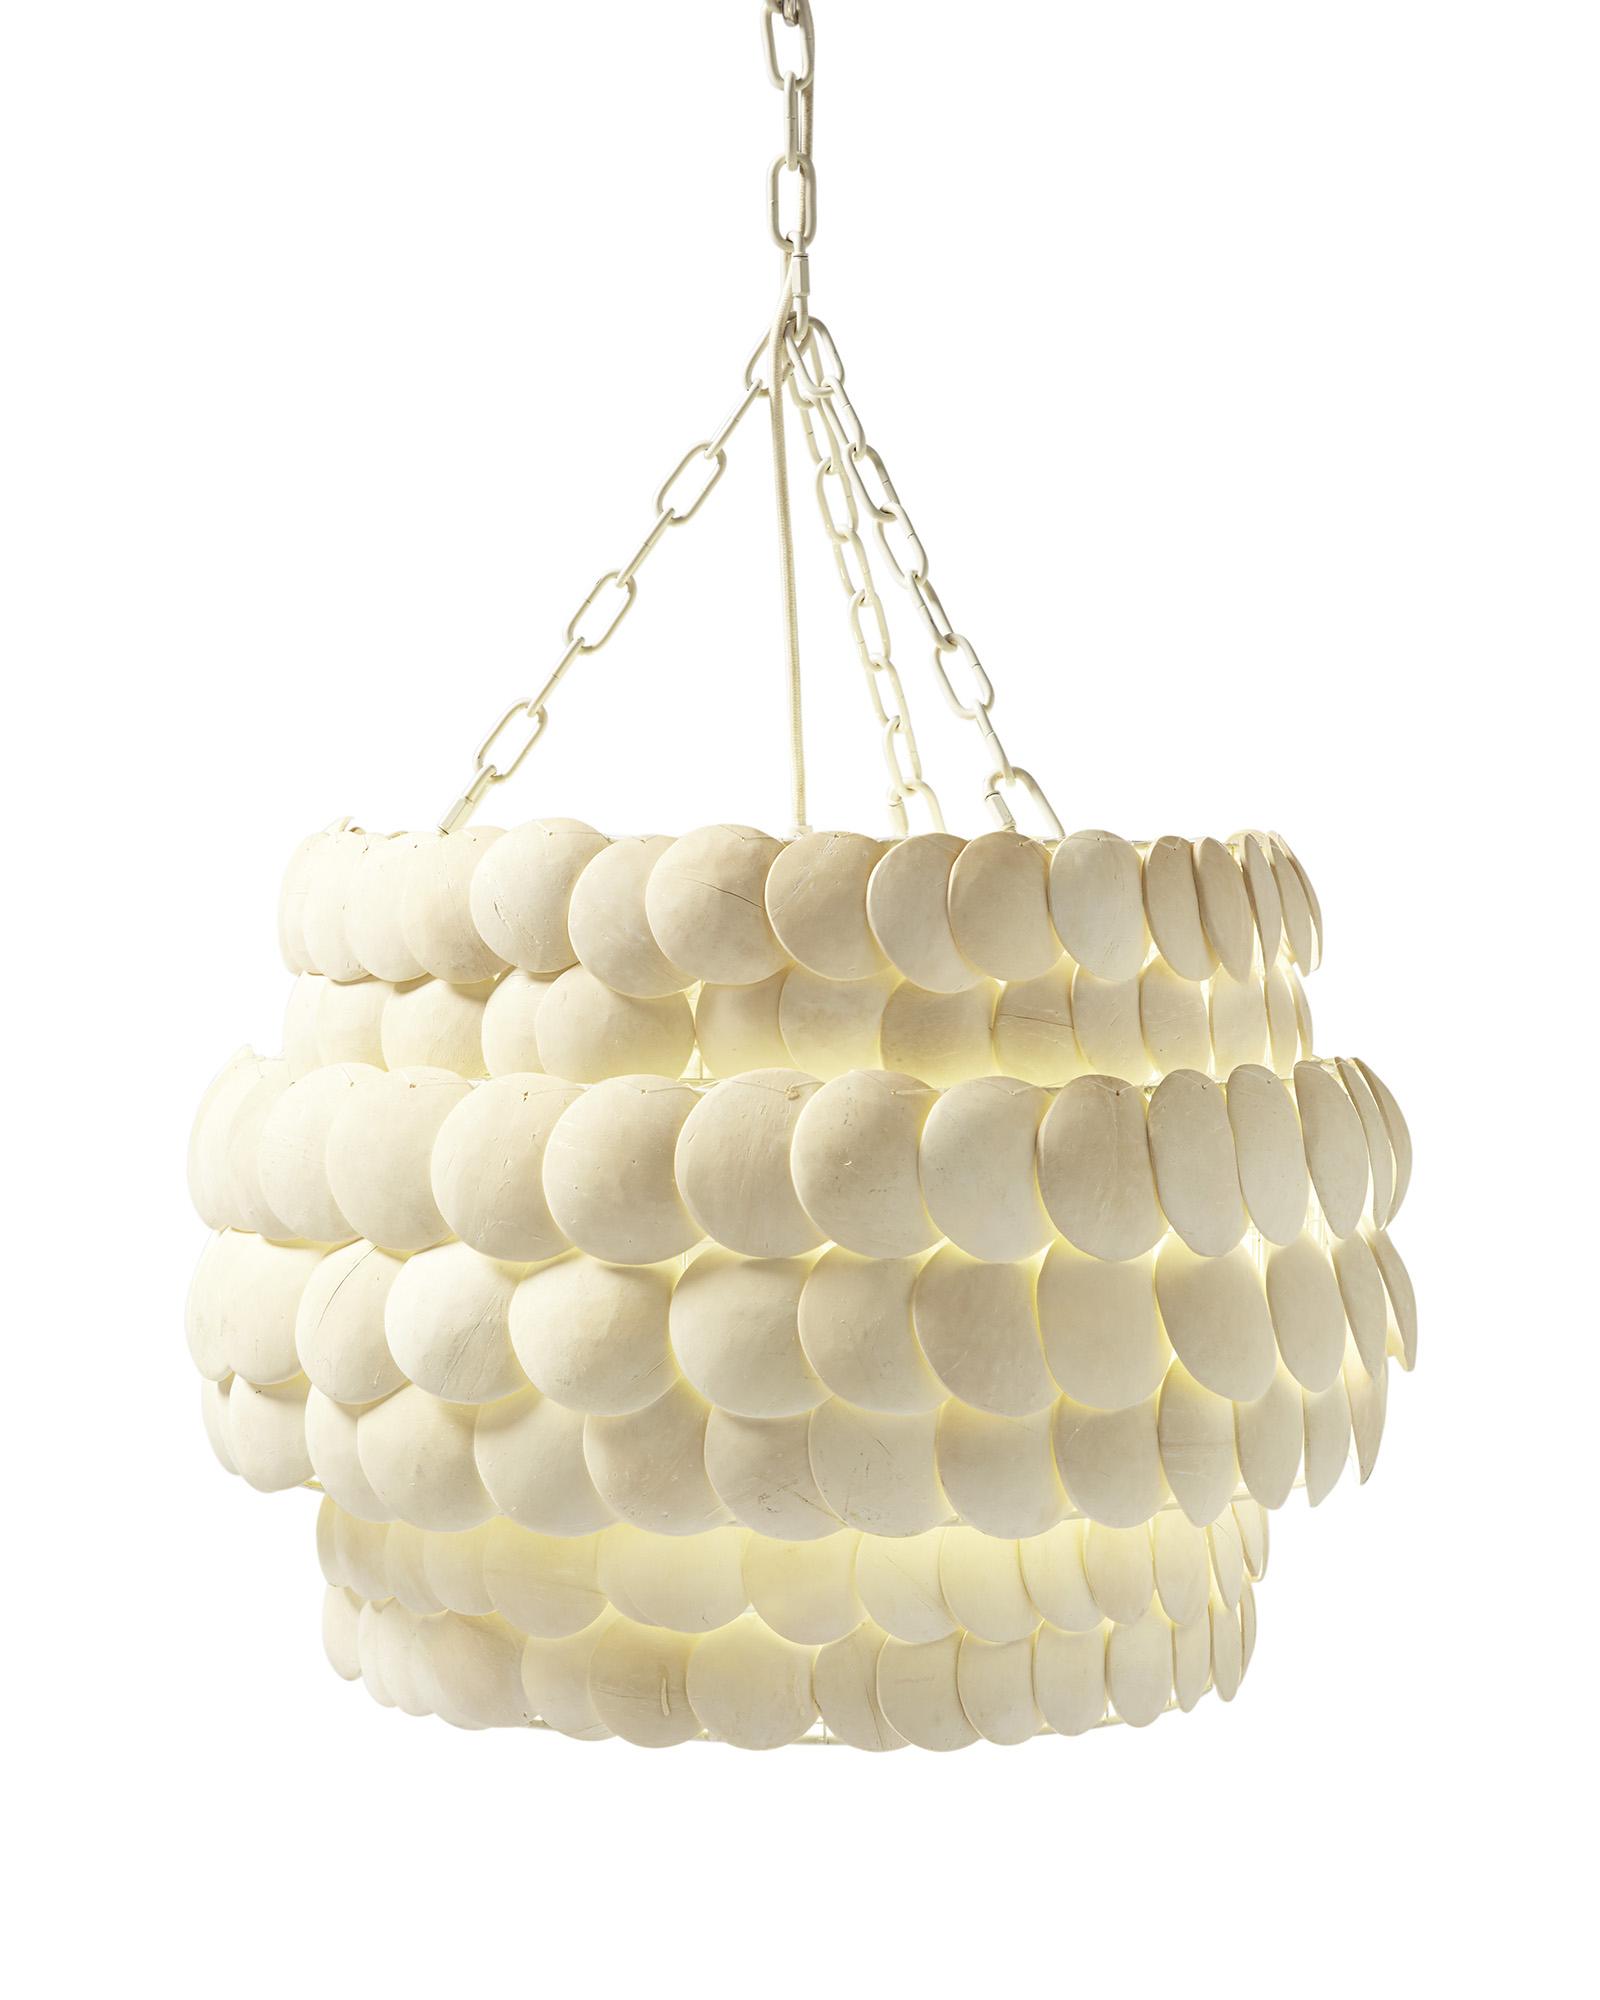 Blog intended for Carmen 8-Light Lantern Tiered Pendants (Image 4 of 30)